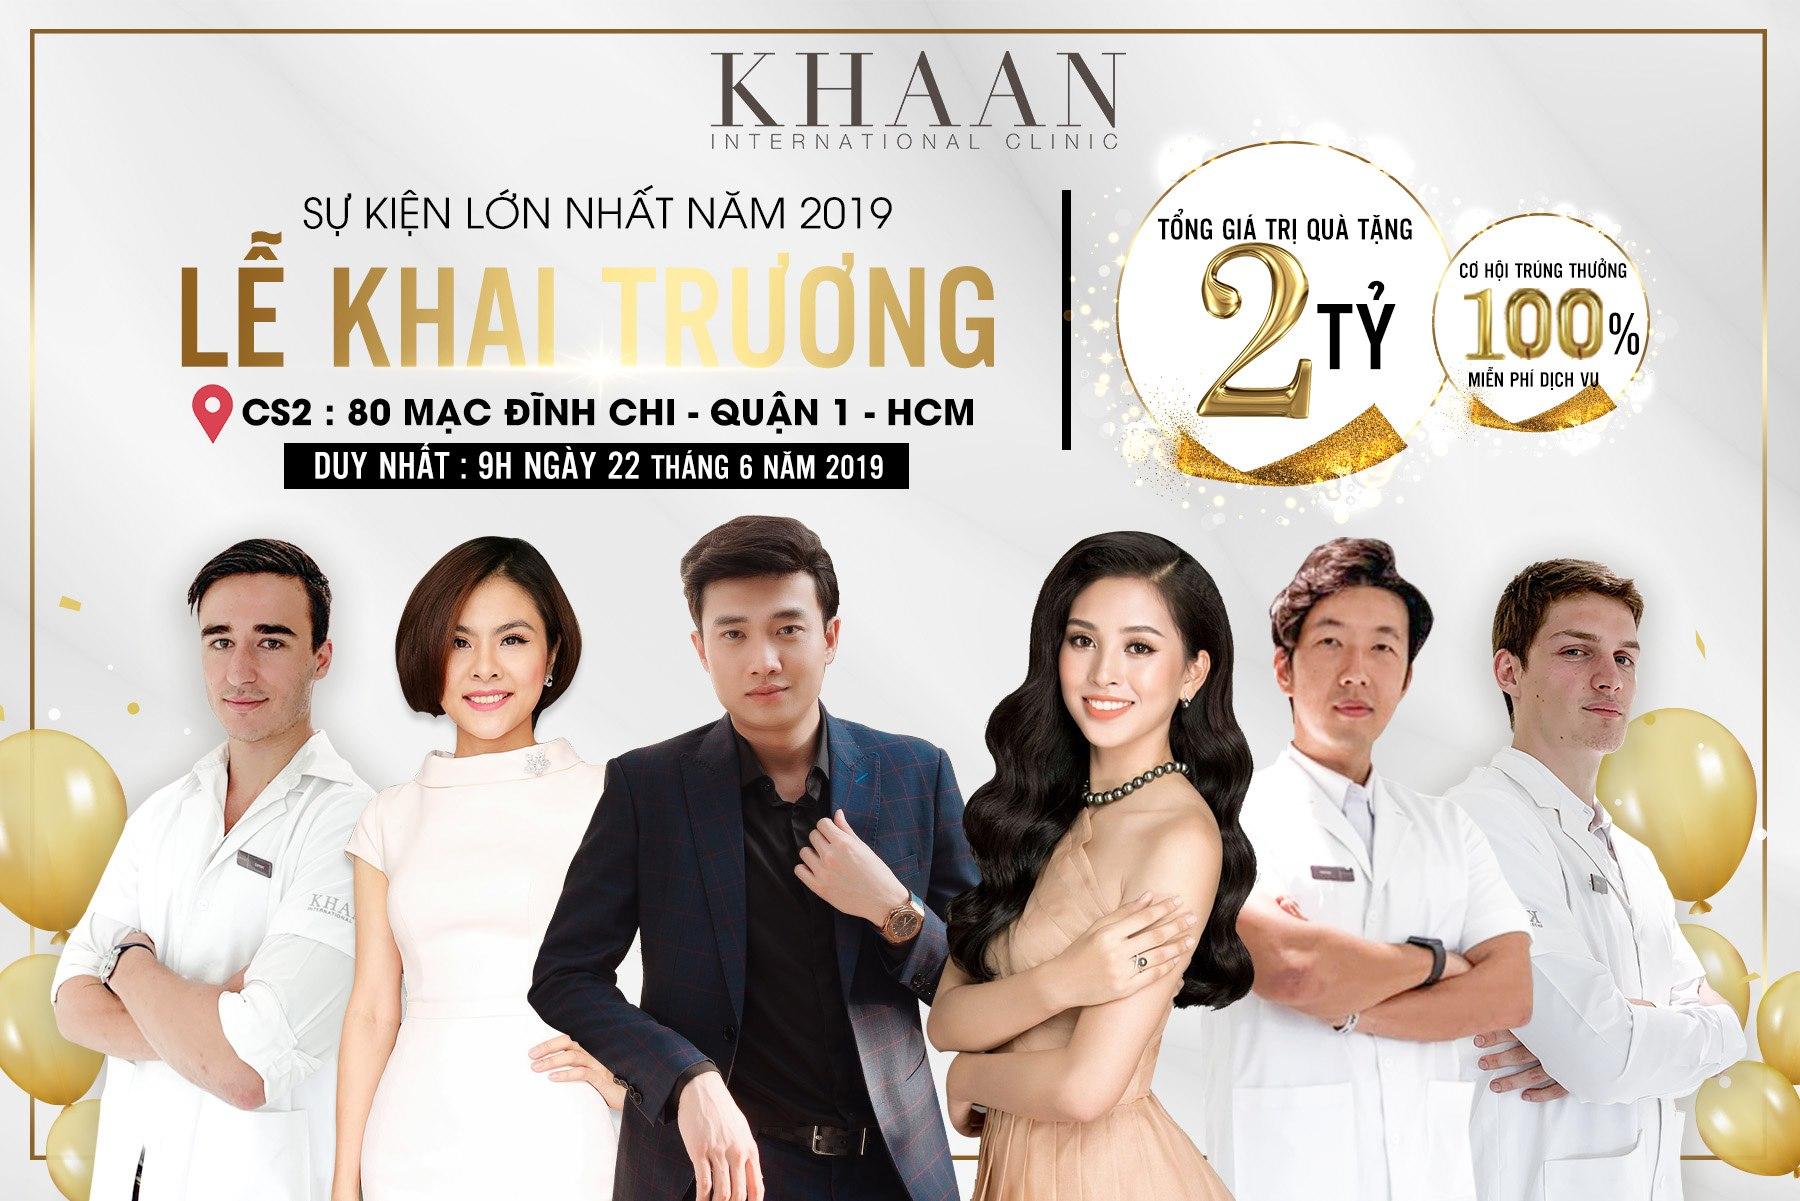 Hoa hậu Trần Tiểu Vy dự khai trương cơ sở 2 của Thẩm mỹ Quốc tế Khaan  - Ảnh 1